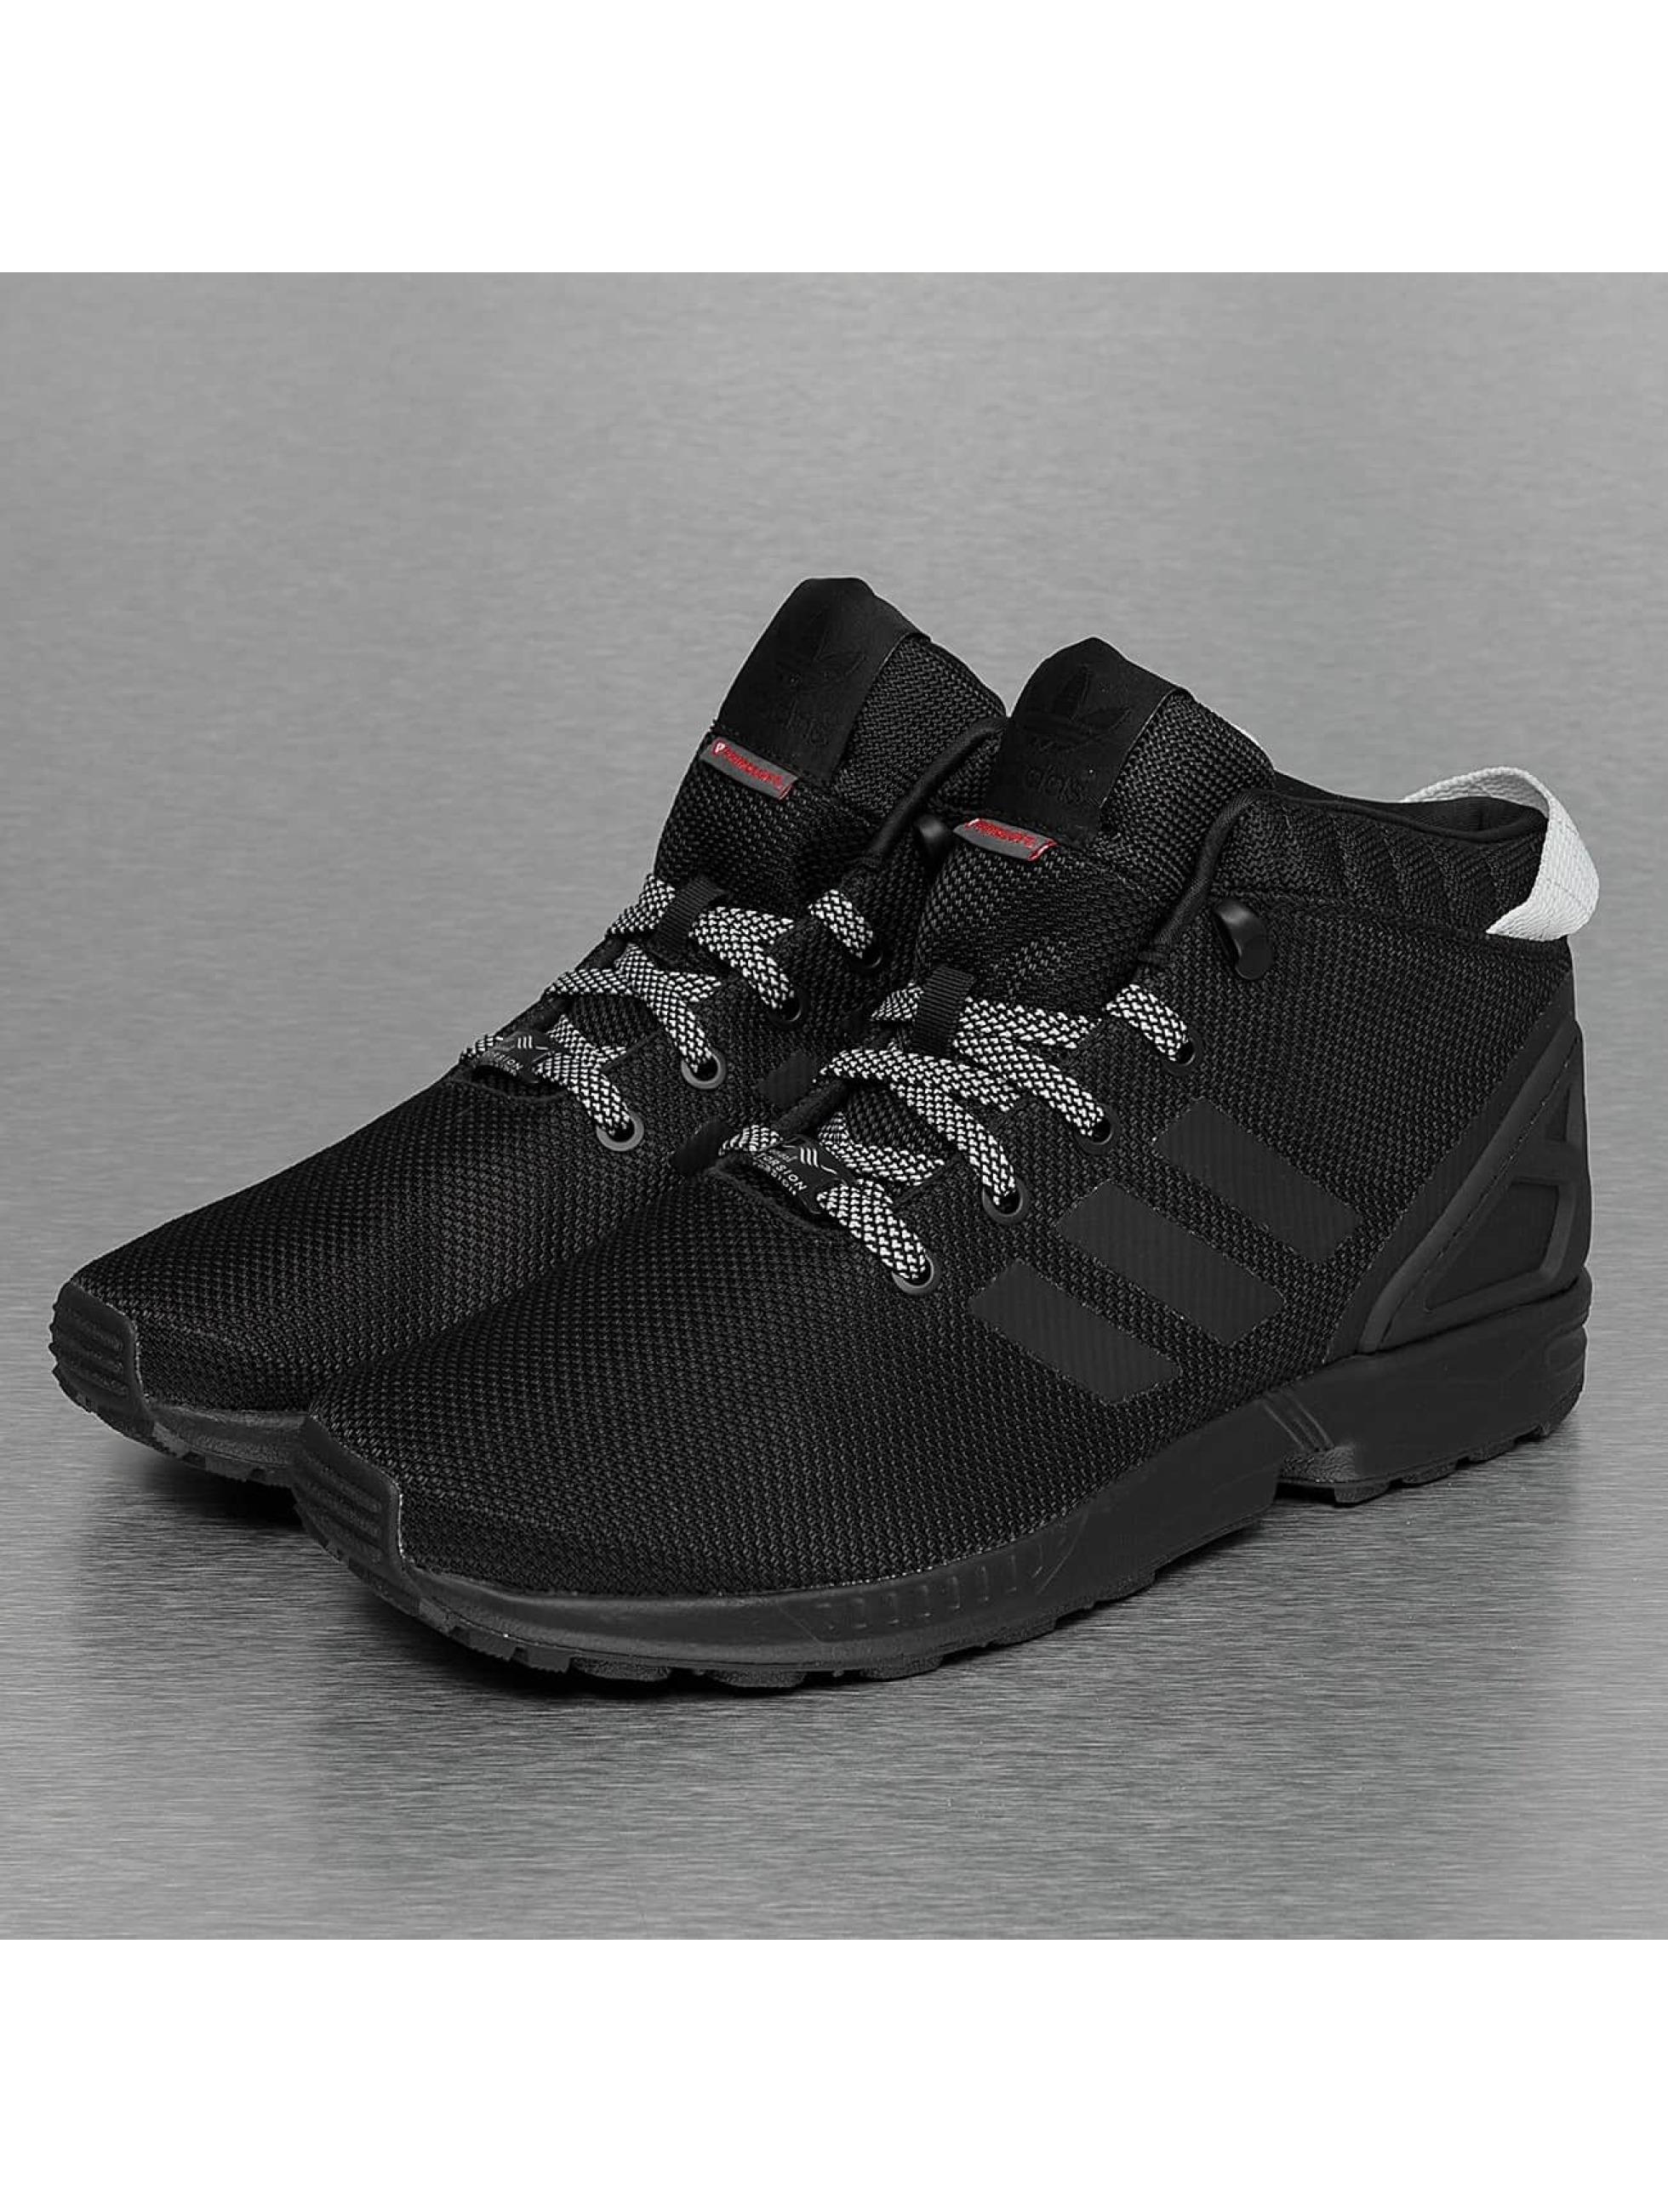 adidas zx flux schwarz mit blumen pragmaticus. Black Bedroom Furniture Sets. Home Design Ideas